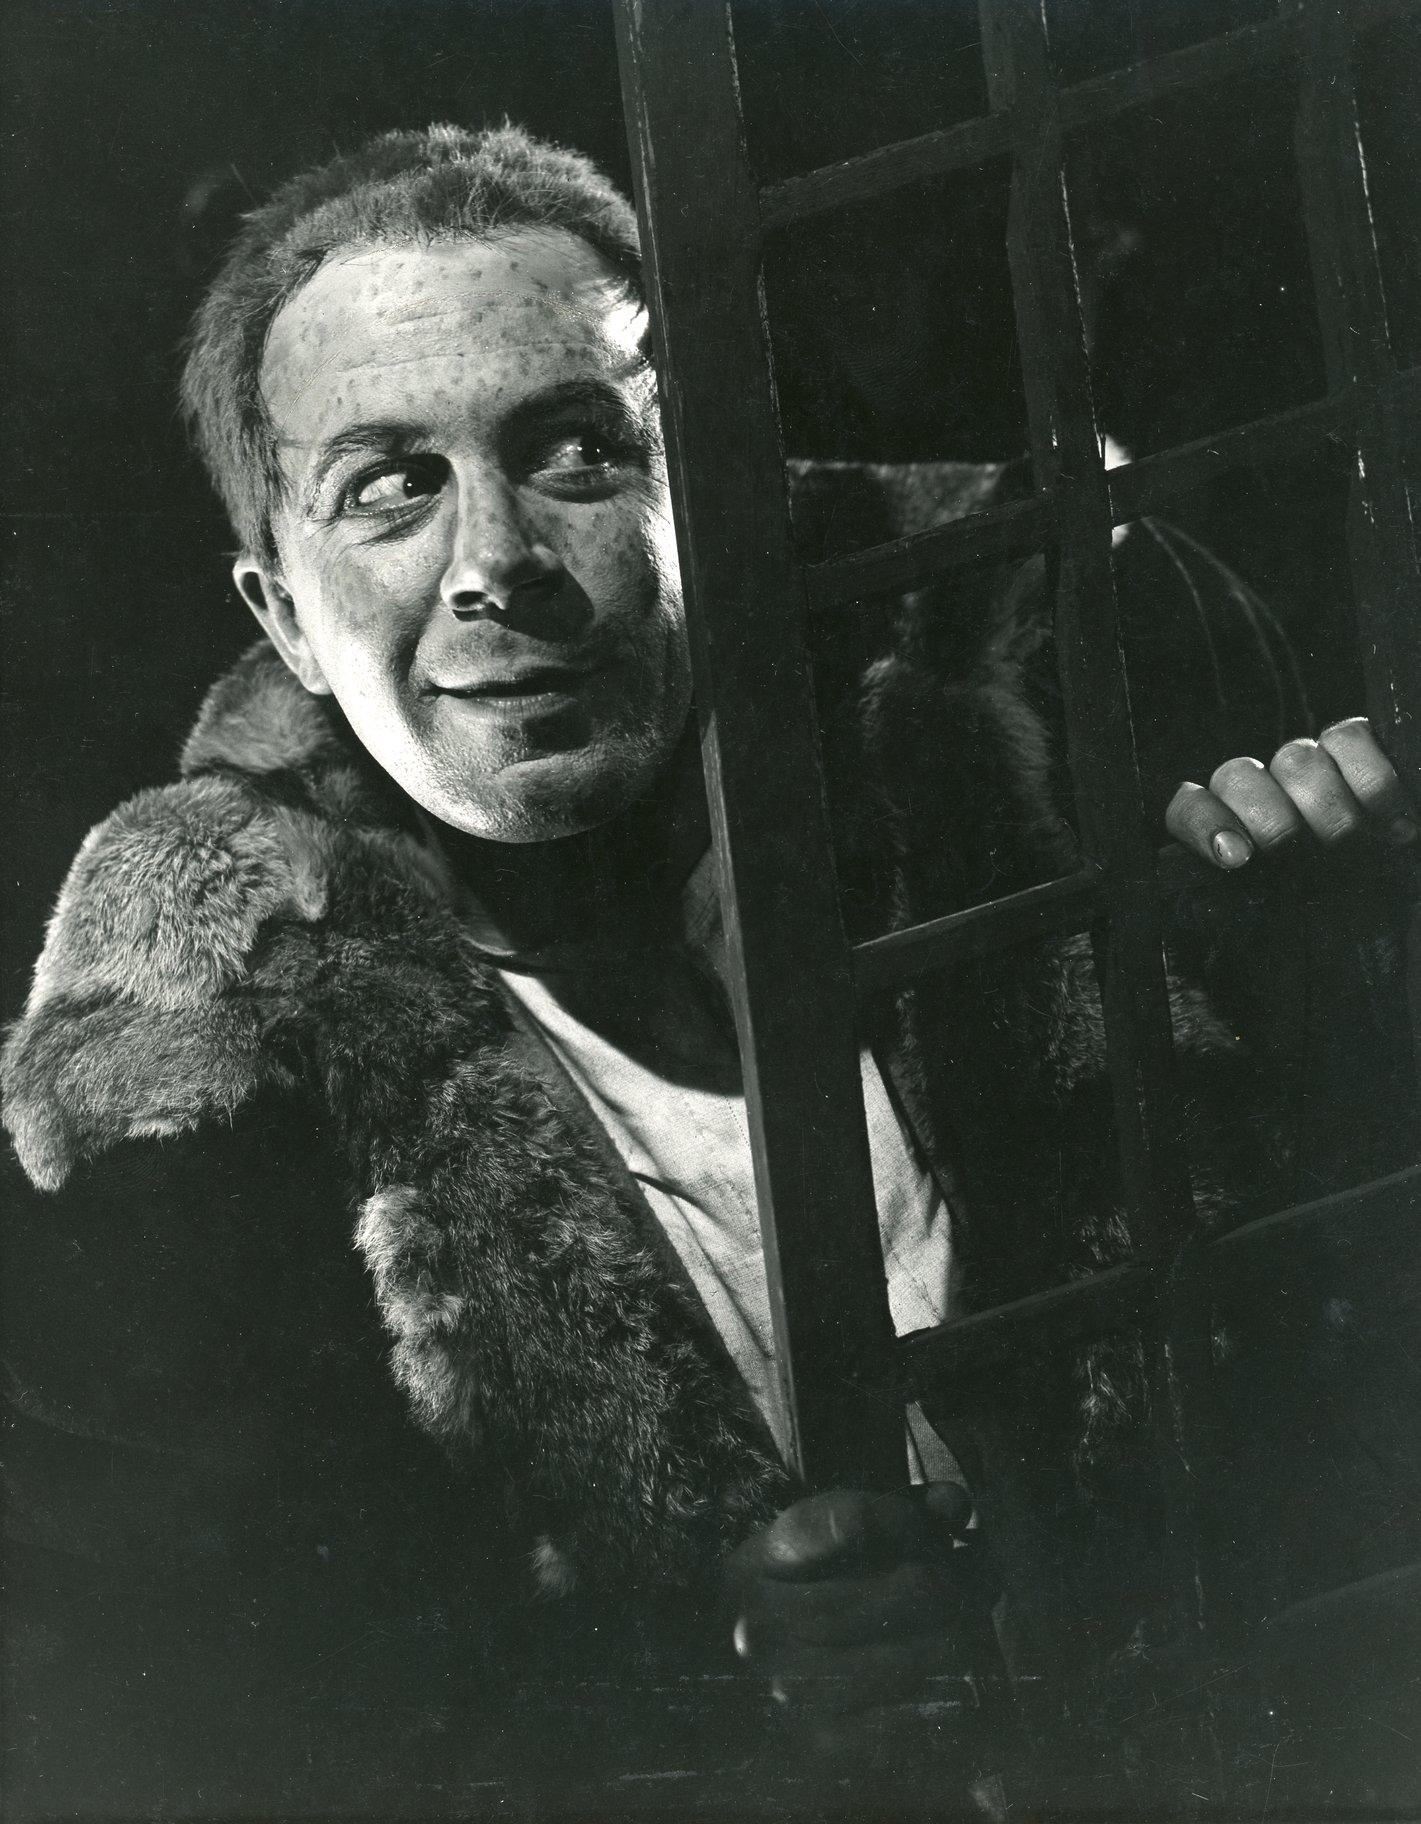 A man hides behind a wooden frame.